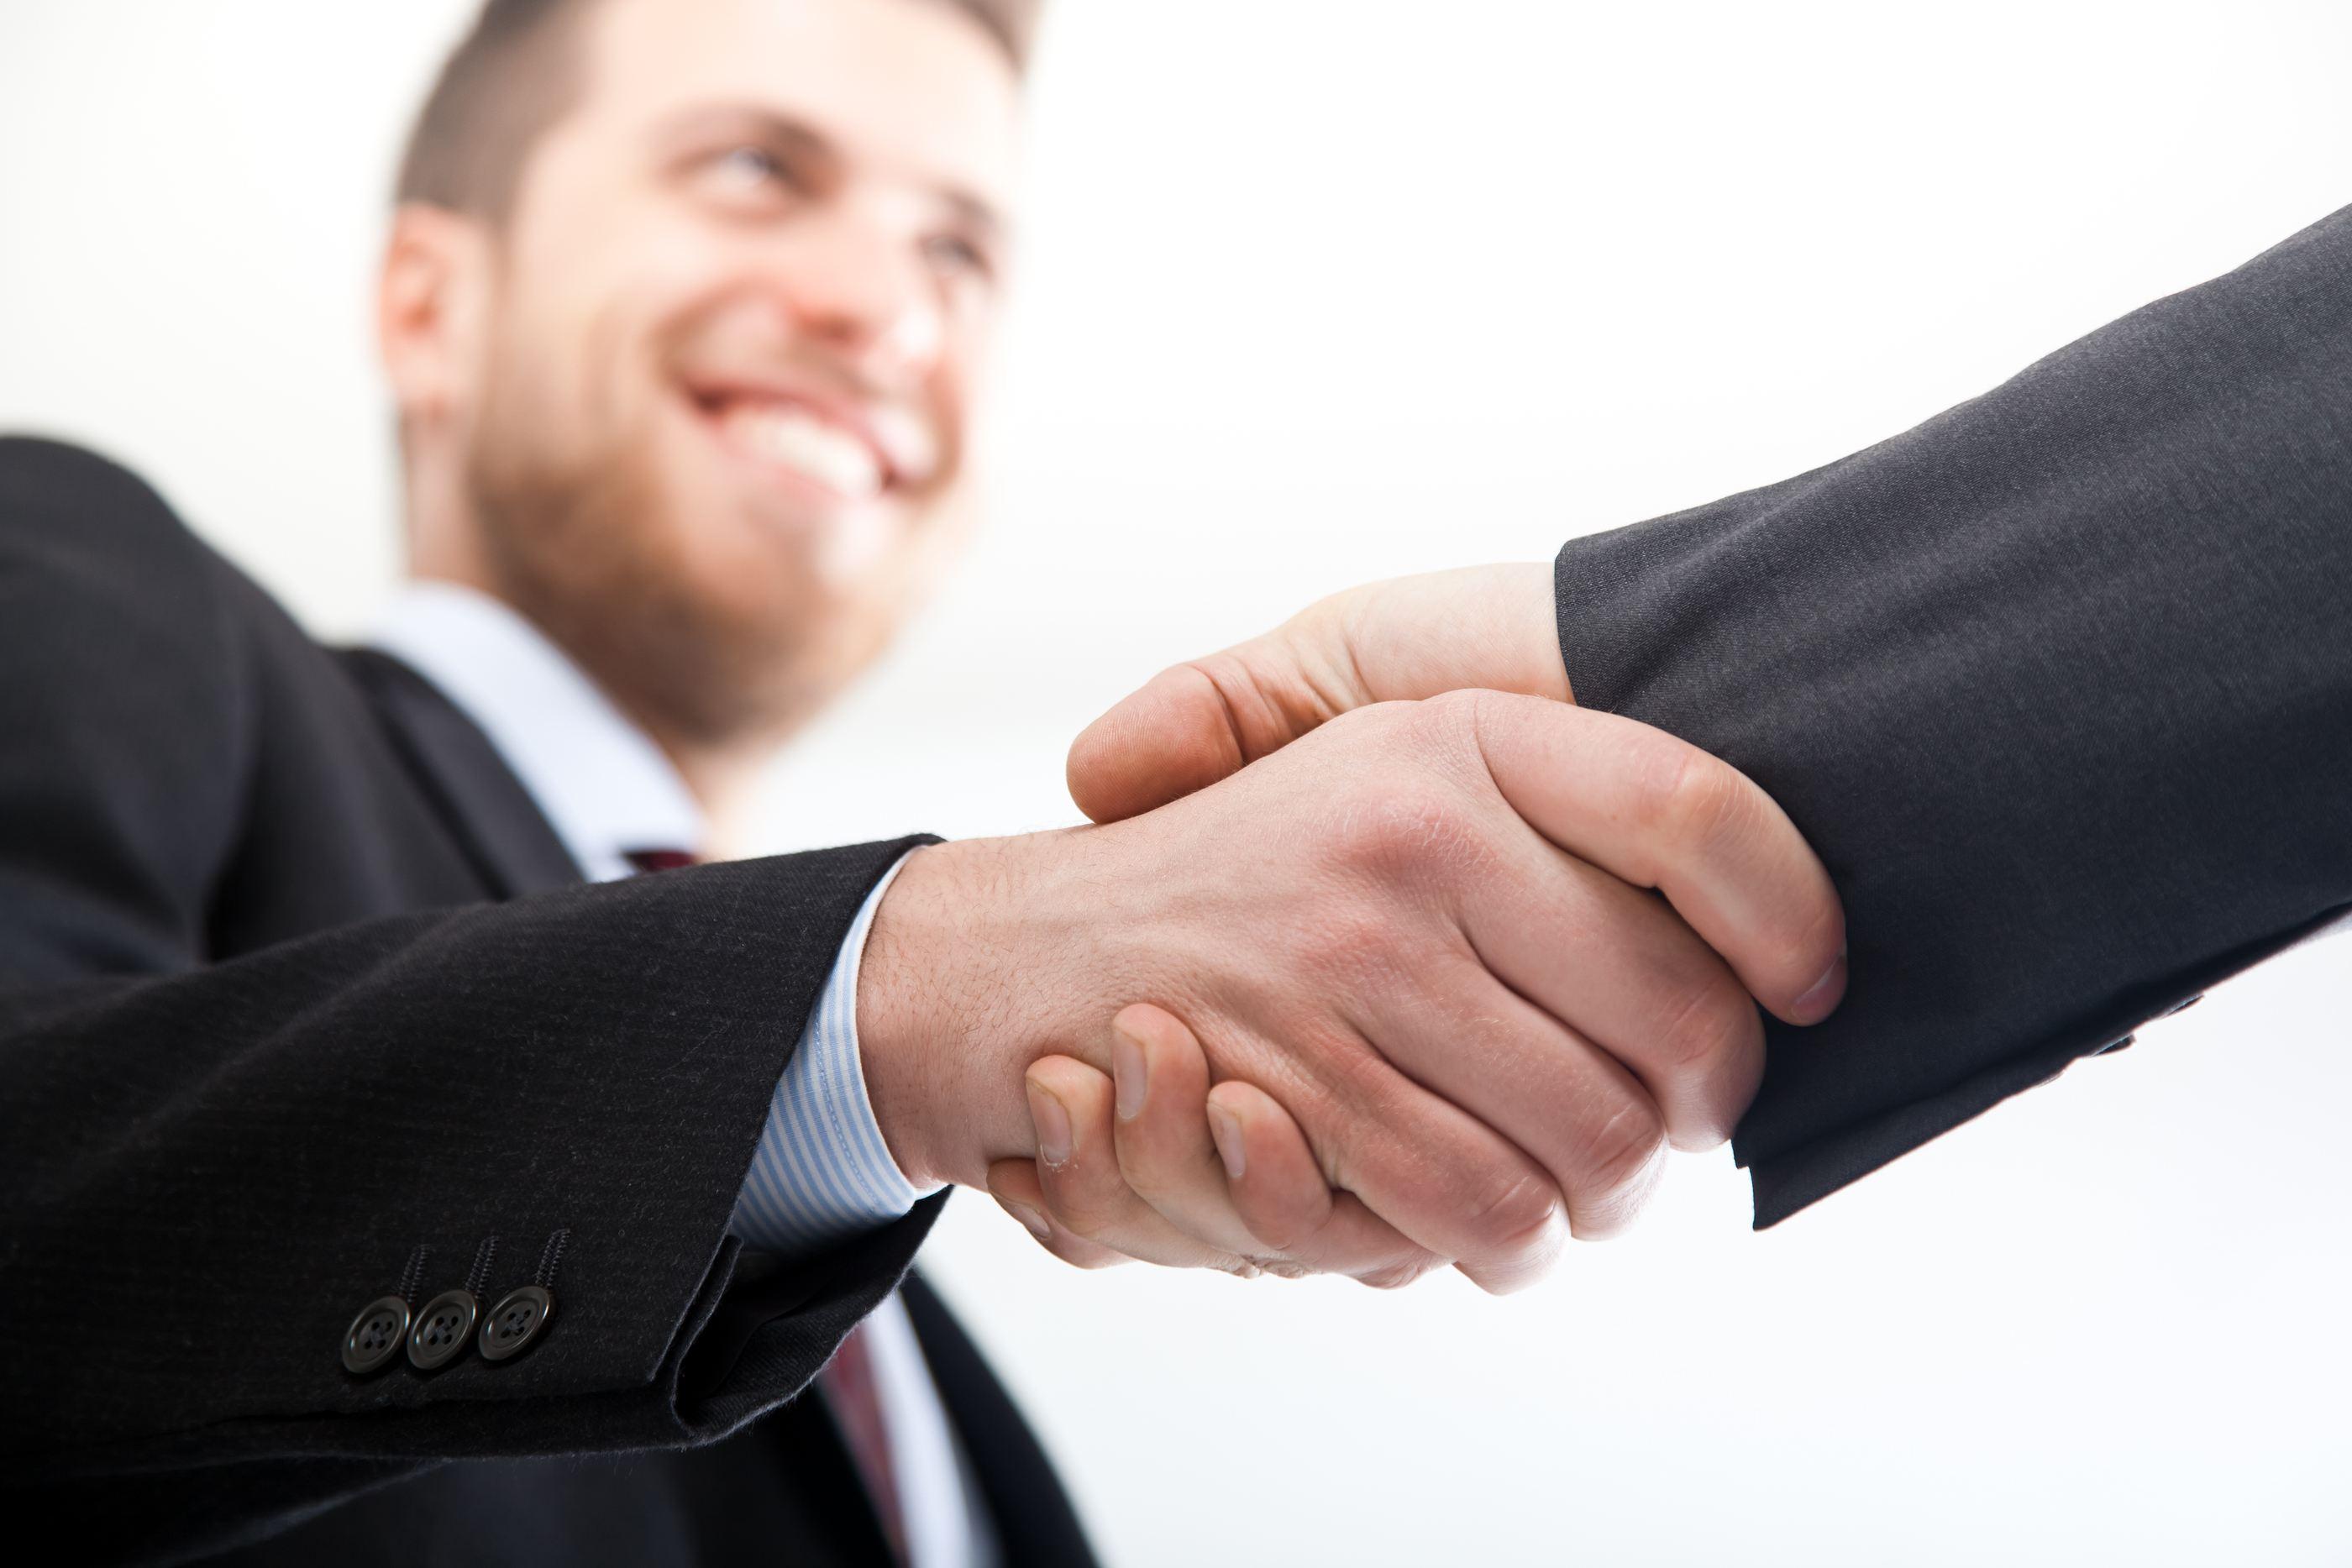 《中层管理者管理技能及综合素质提升》